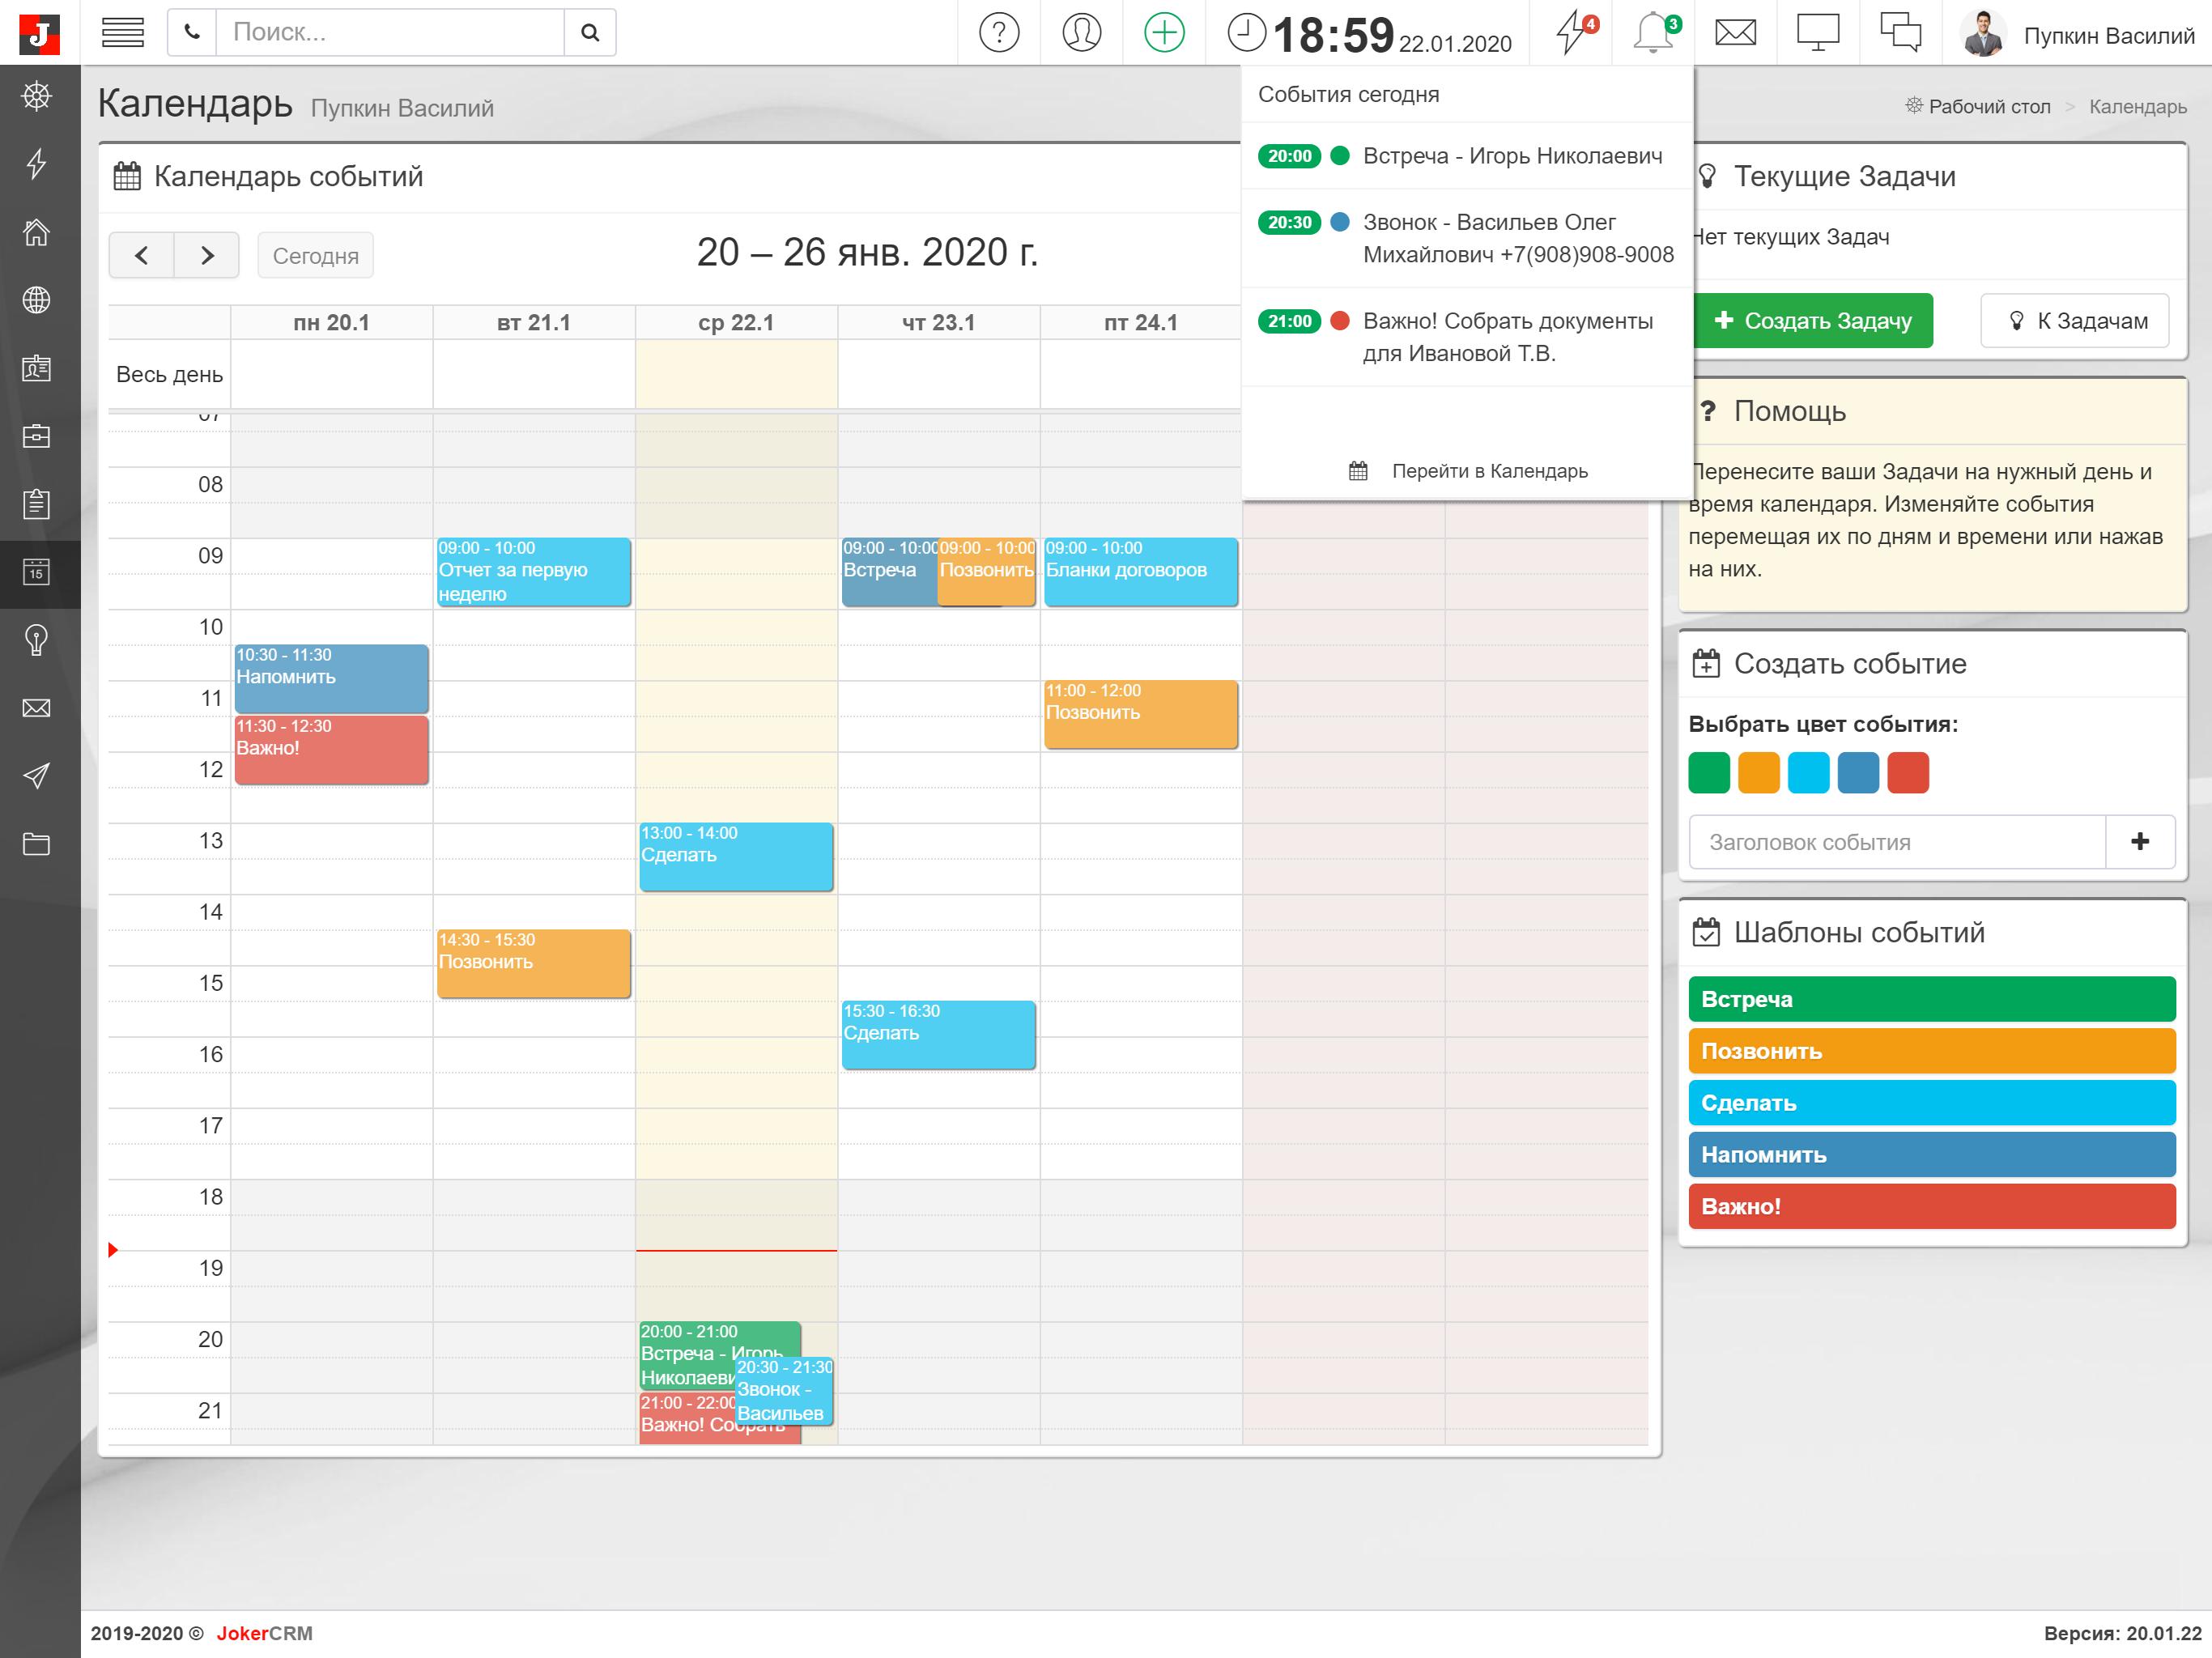 Календарь и уведомления